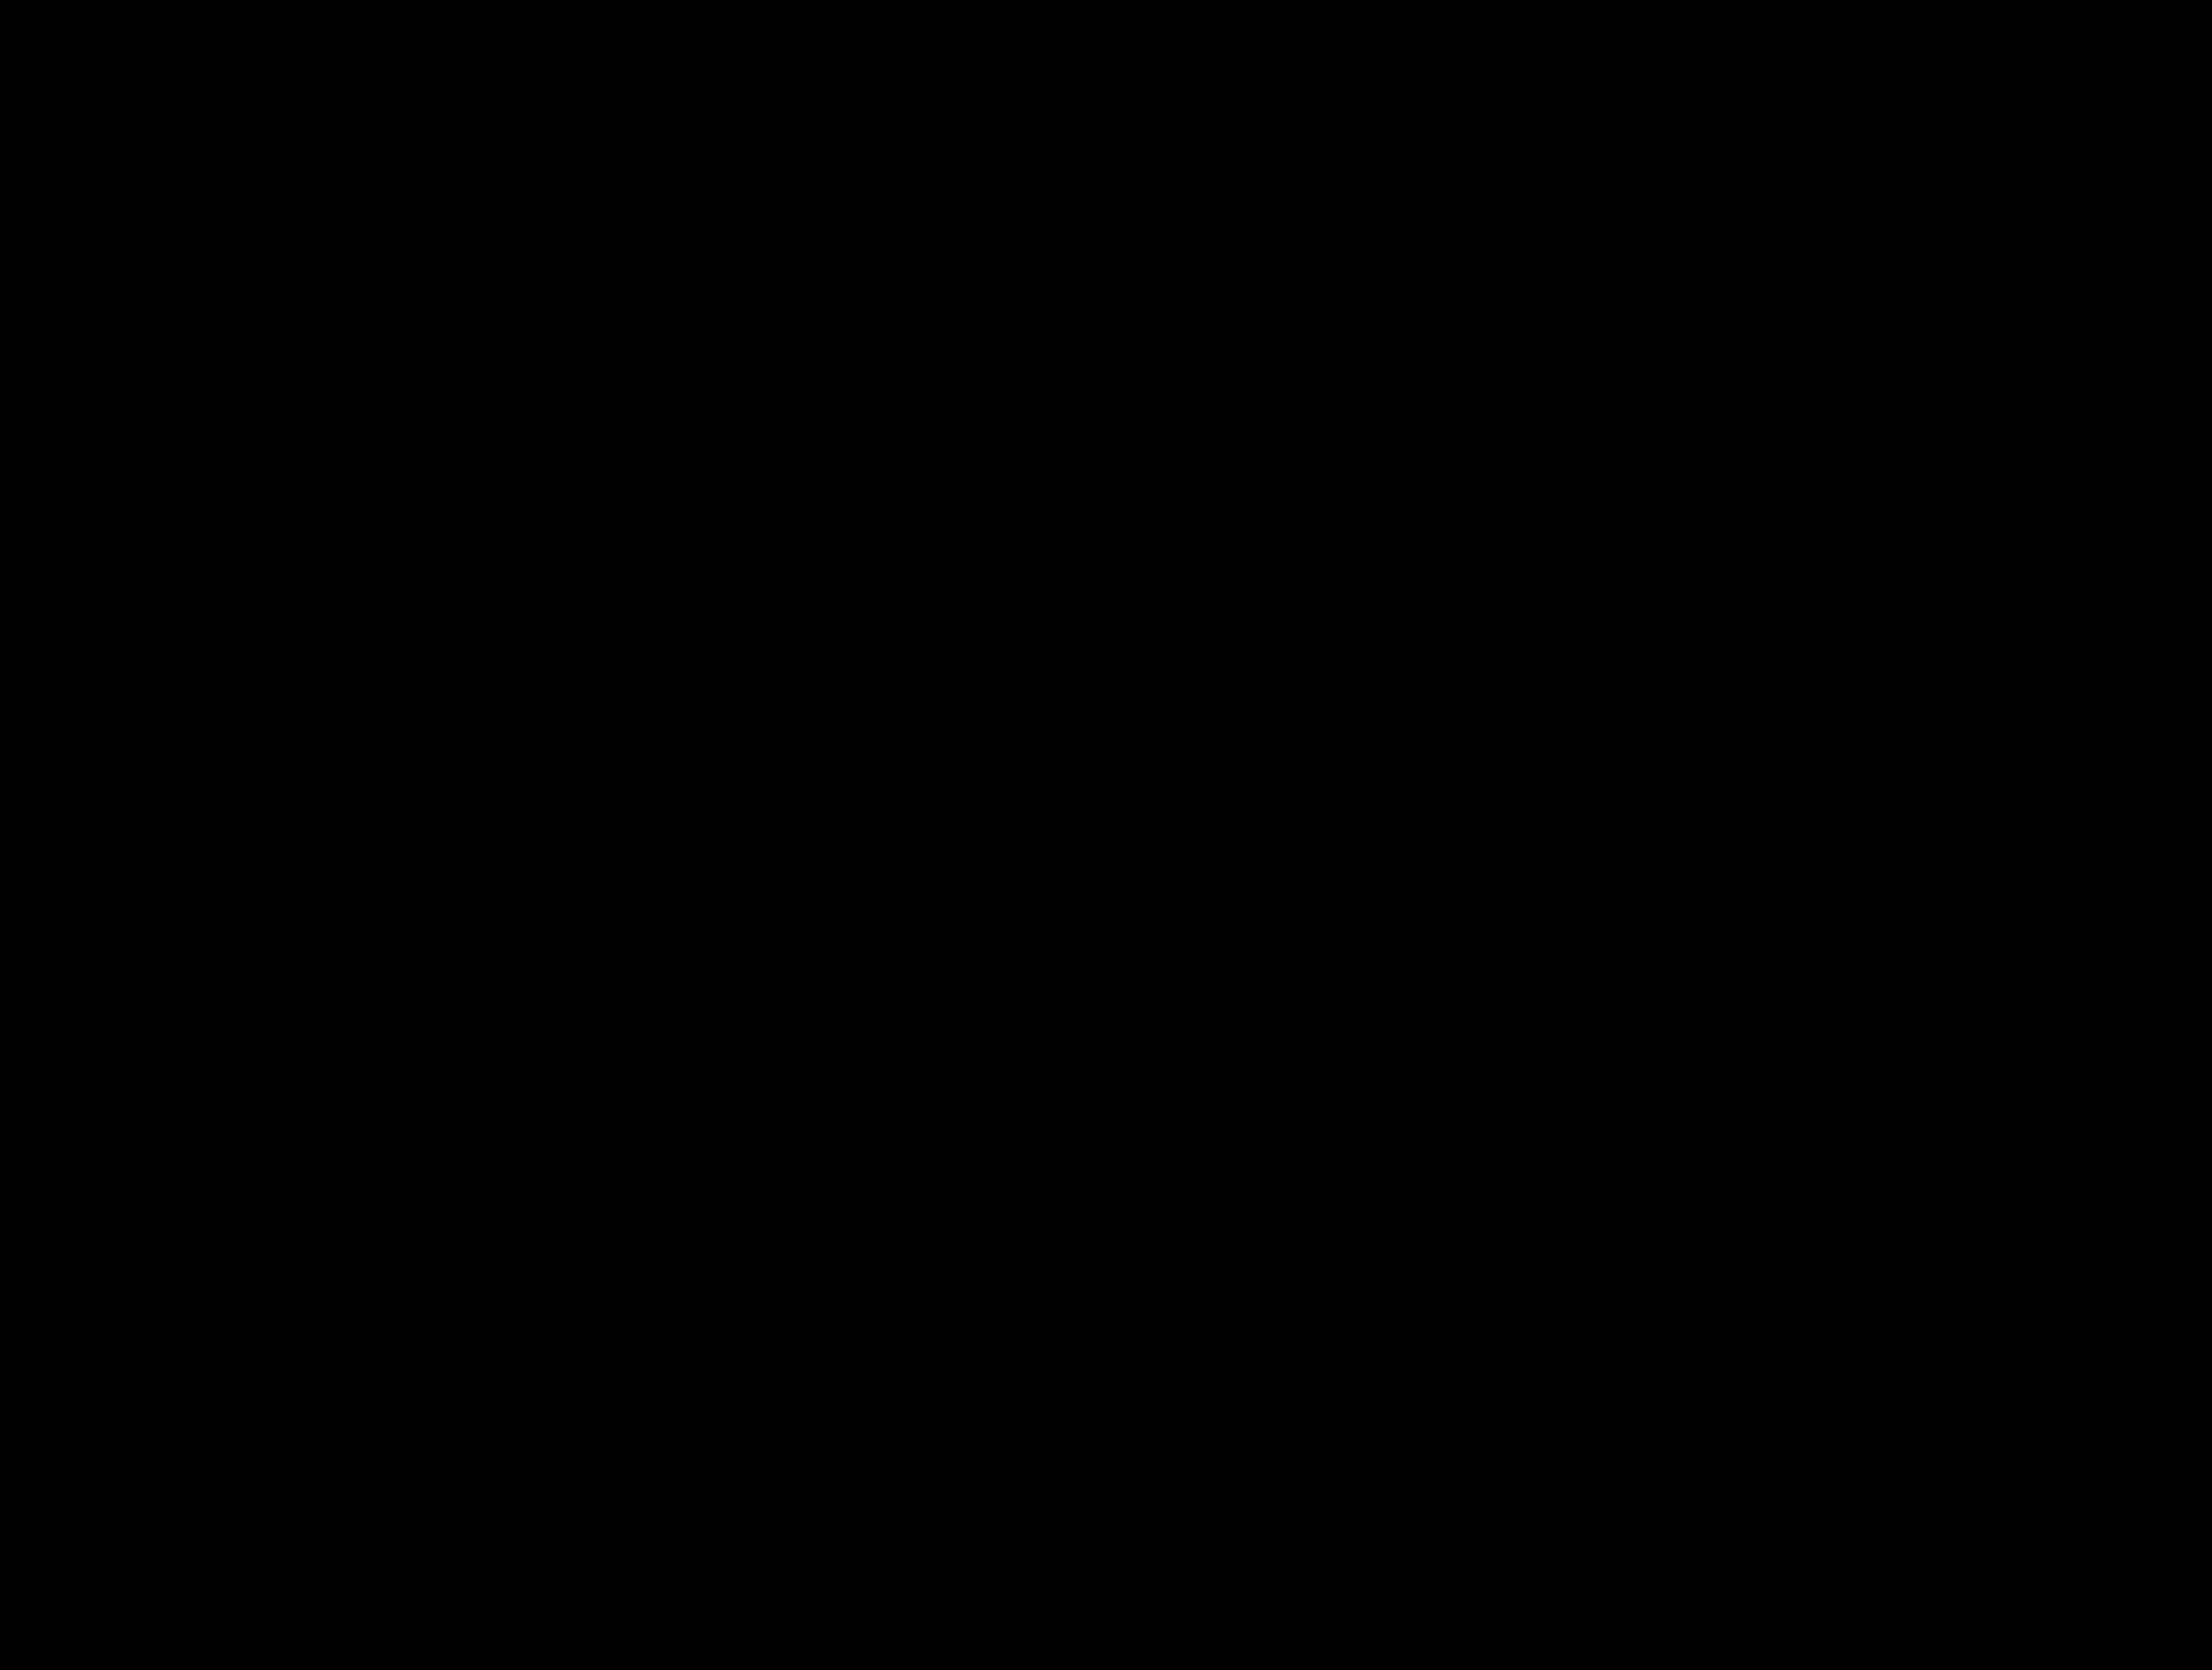 Moda Damska Moda Męska  Qπш Robert Kupisz NOW zima 2021/22